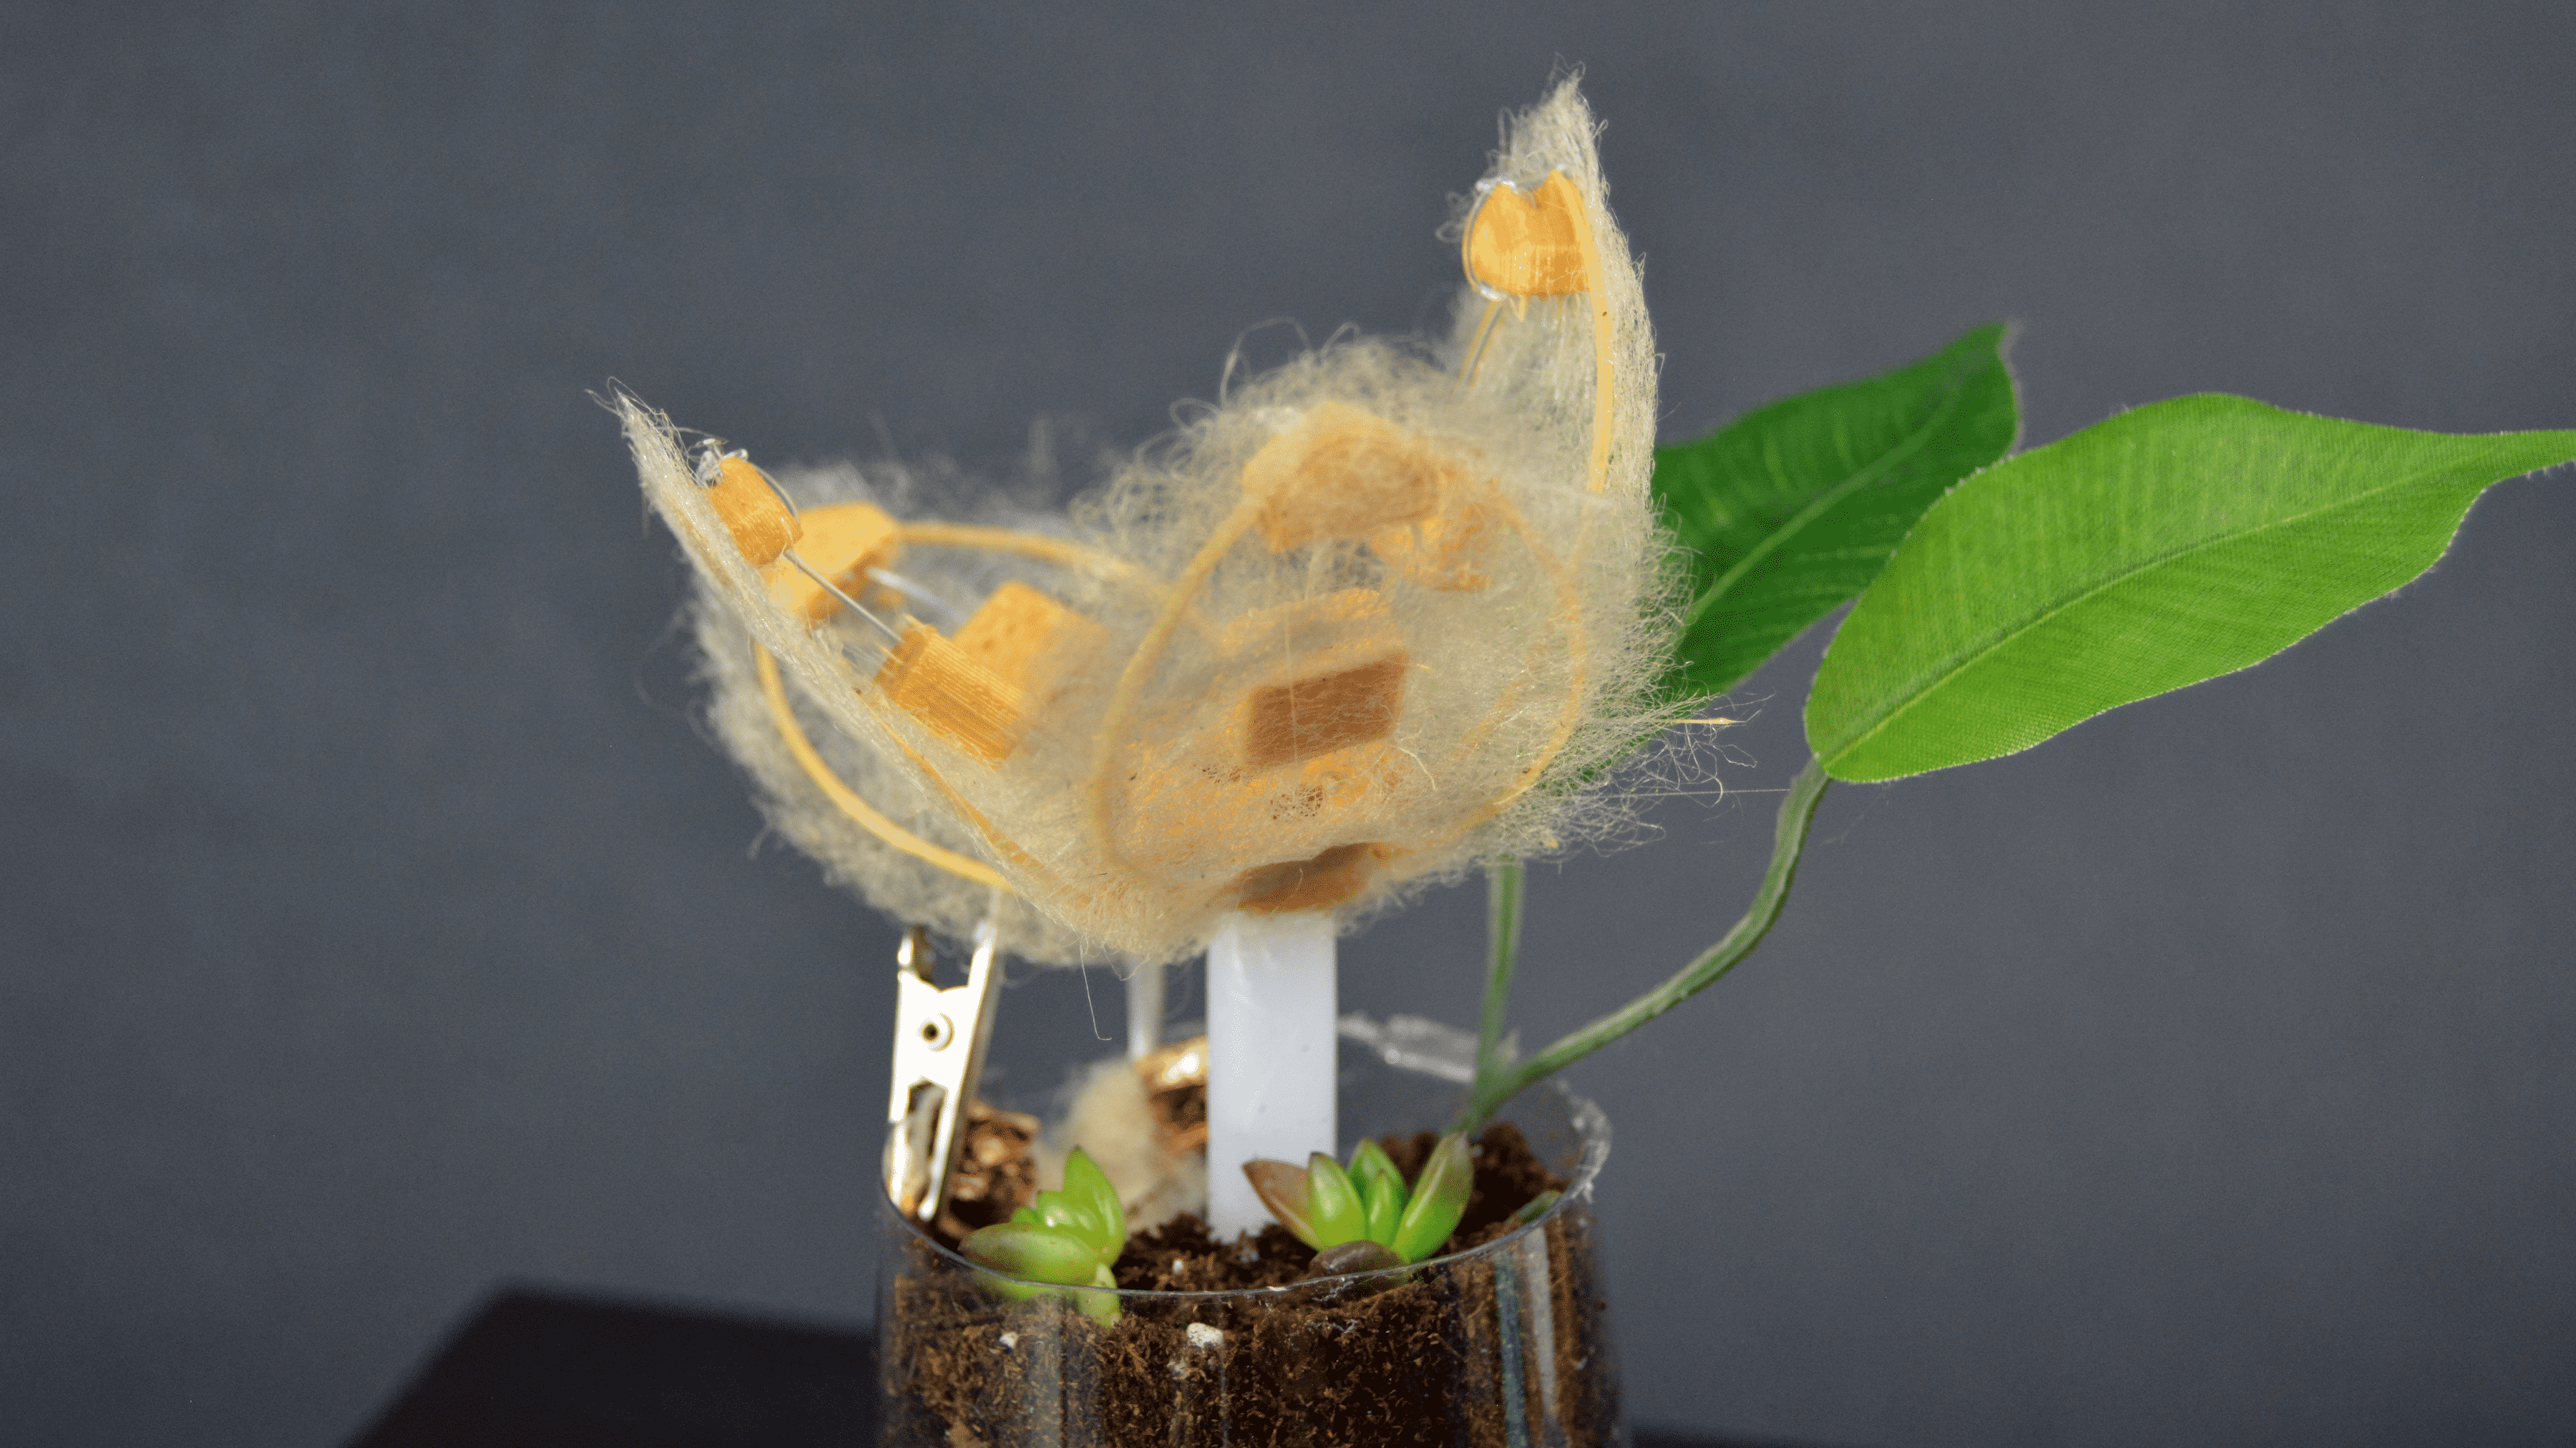 Eine Blume mit gelben Blättern, die faserig 3D-gedruckt wurden.